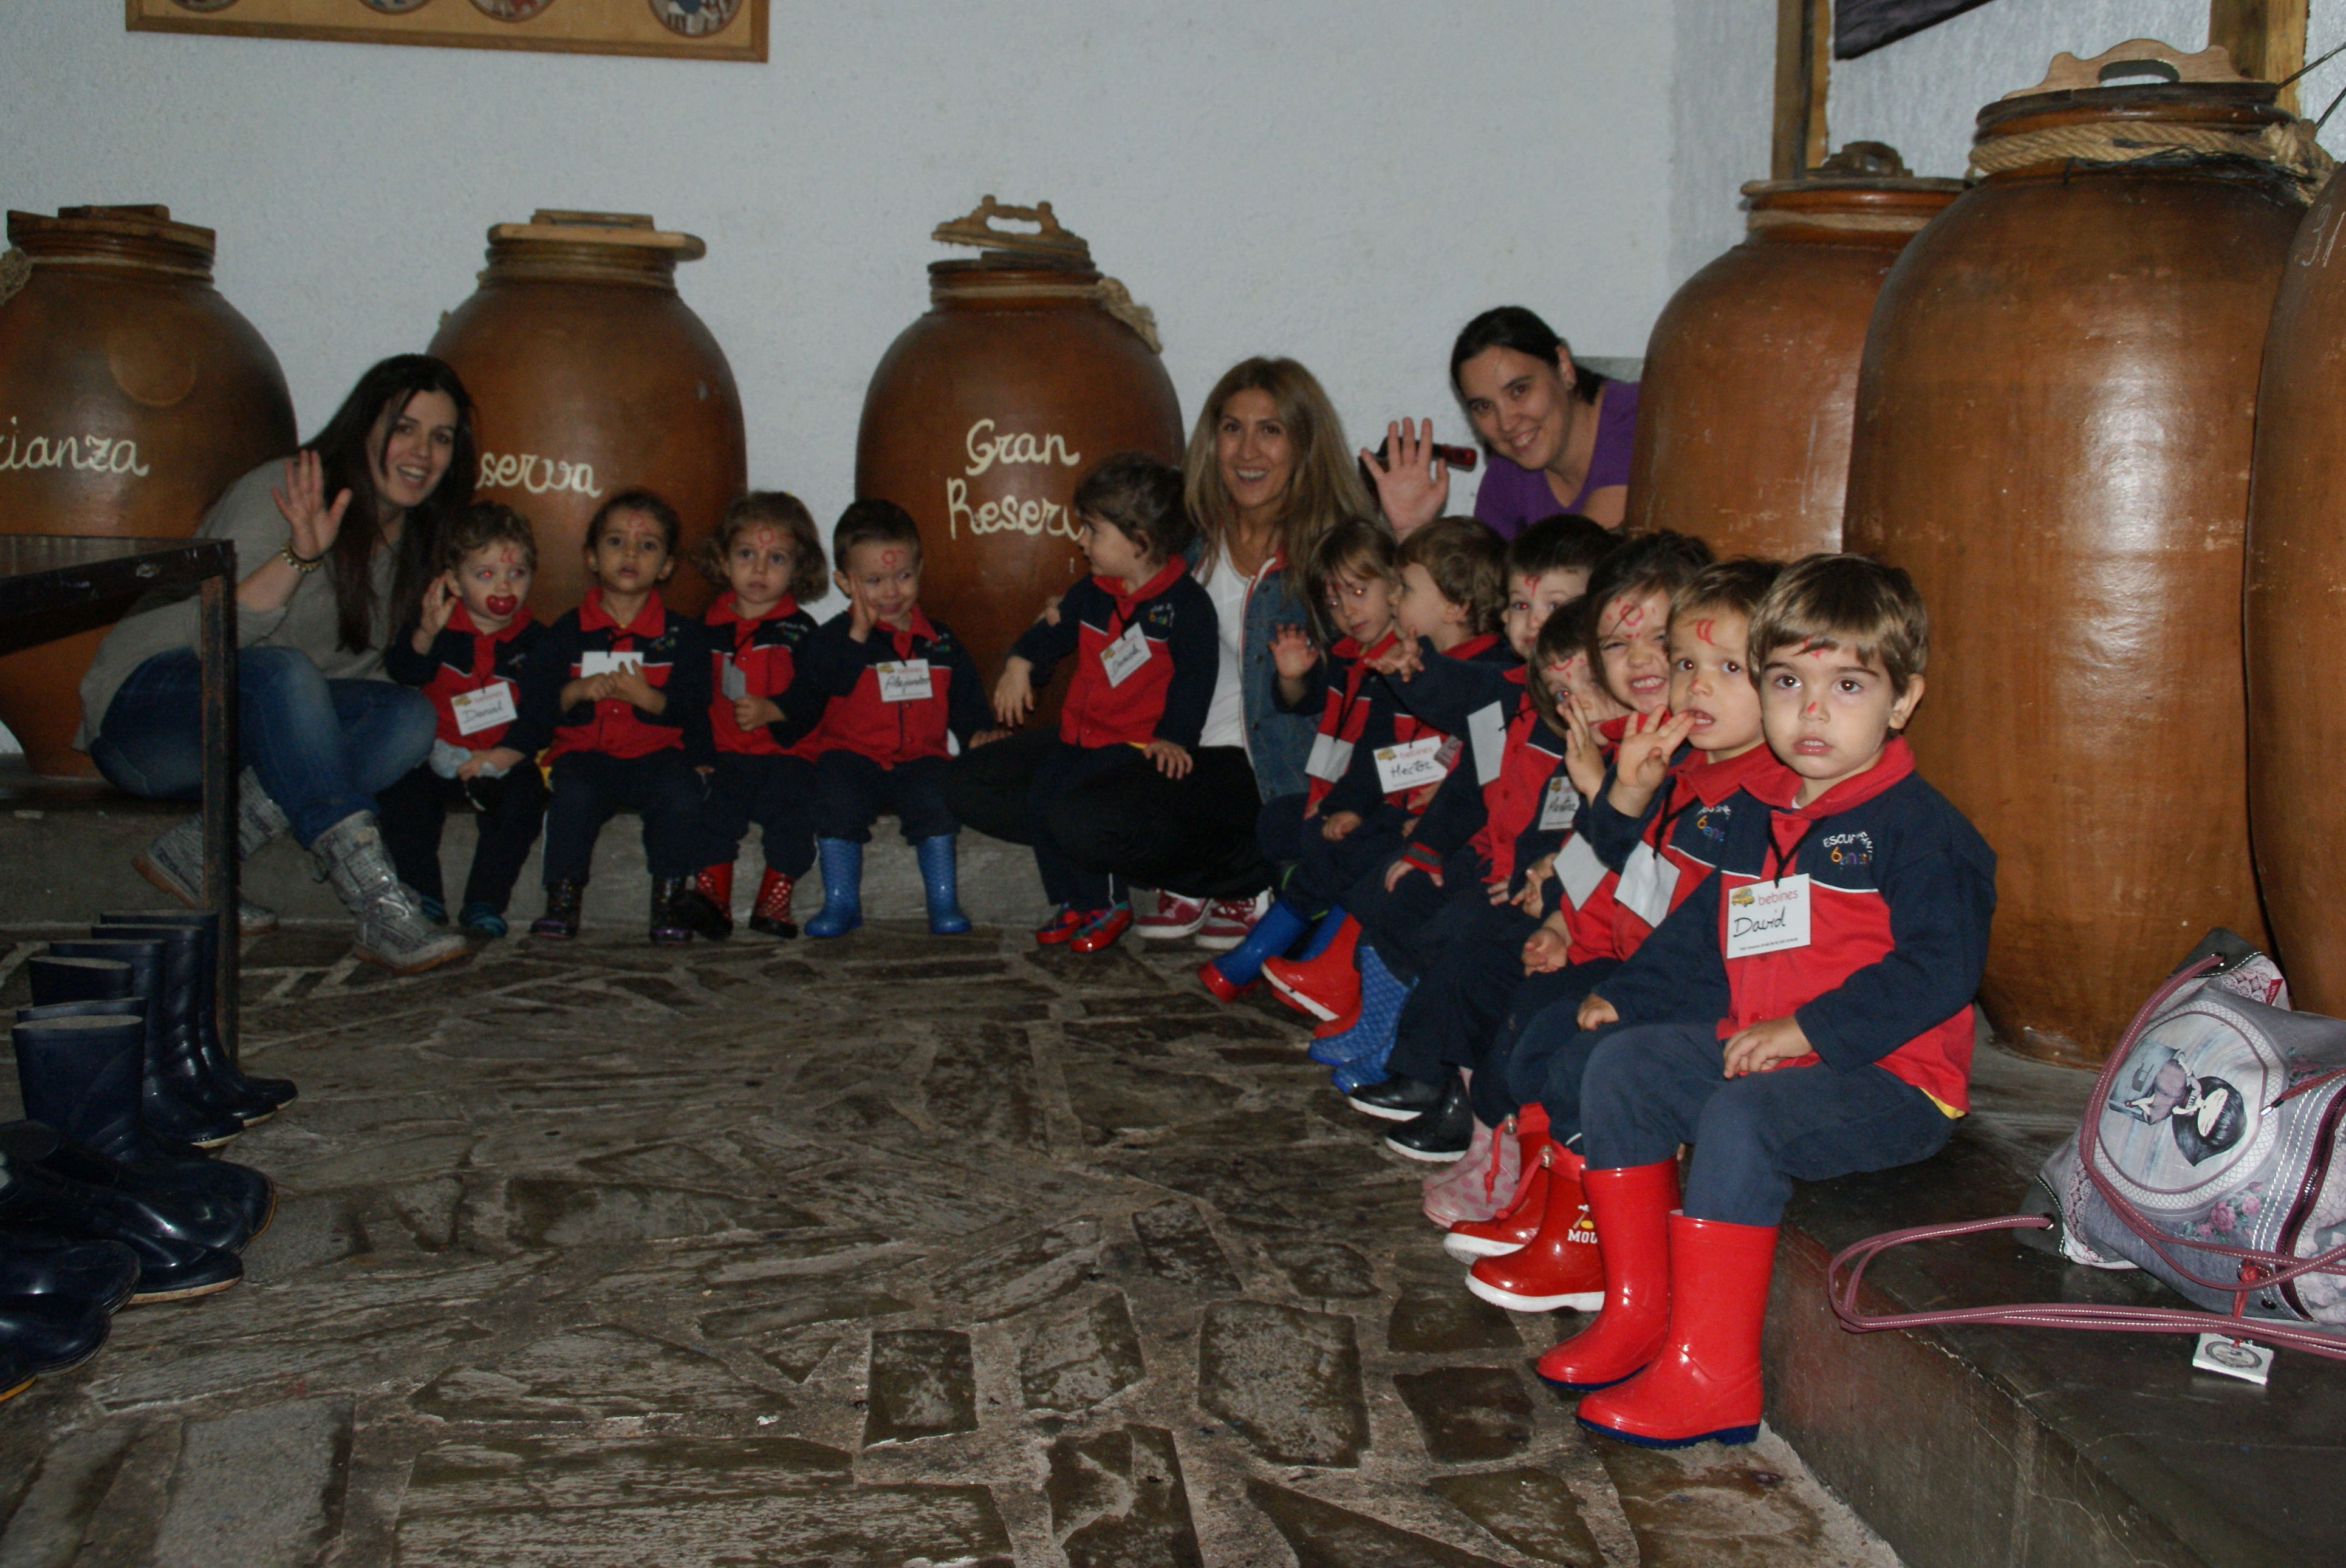 Foto 16 de Escuela infantil para niños de 0 a 3 años en Getafe | Escuela Infantil Bebines